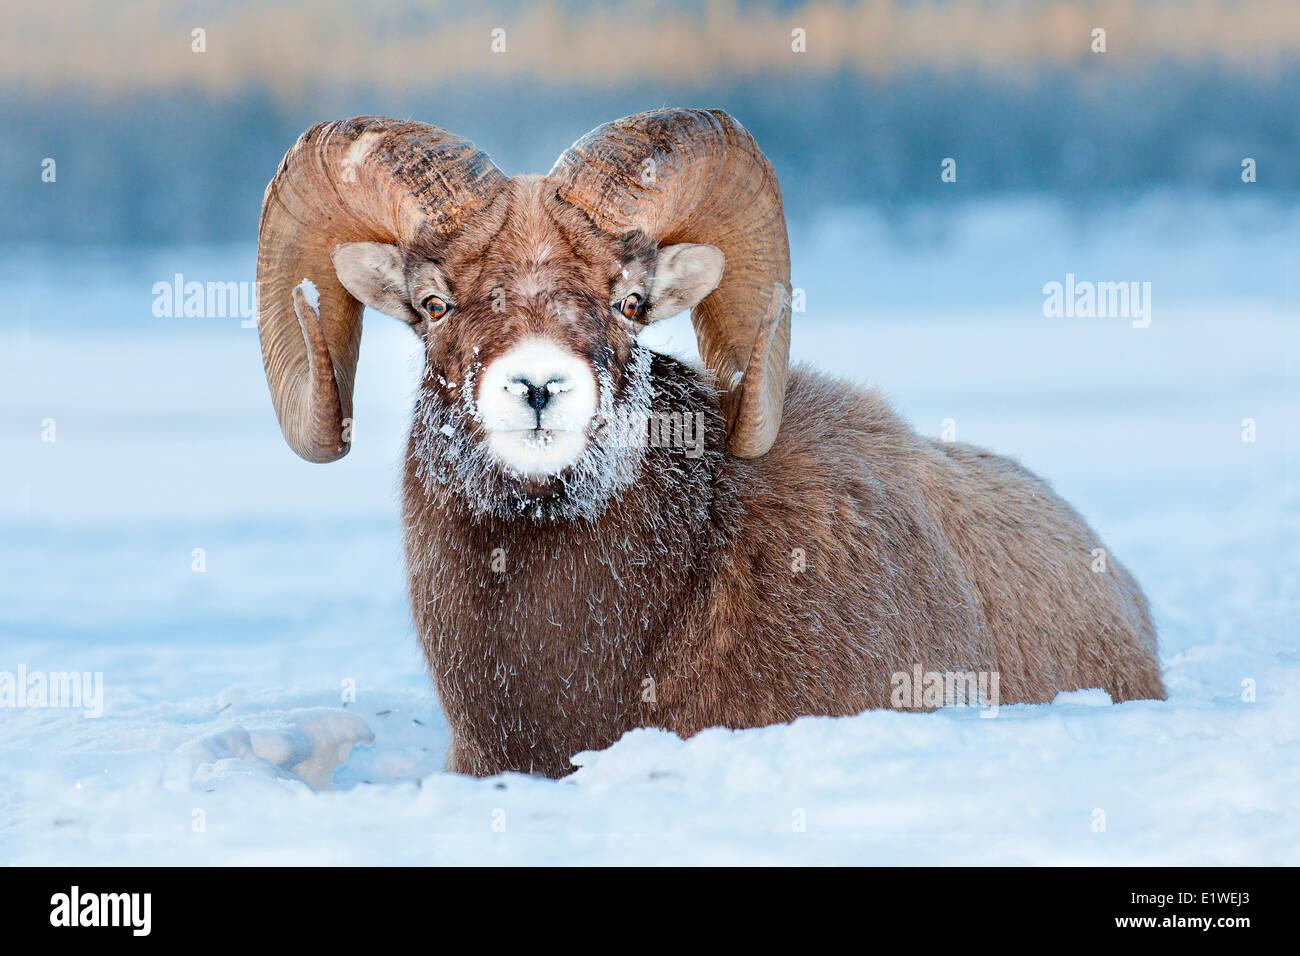 Ram borrego cimarrón (Ovis canadensis), con el hocico cubierto de hielo a -28C, el Parque Nacional de Jasper, Imagen De Stock